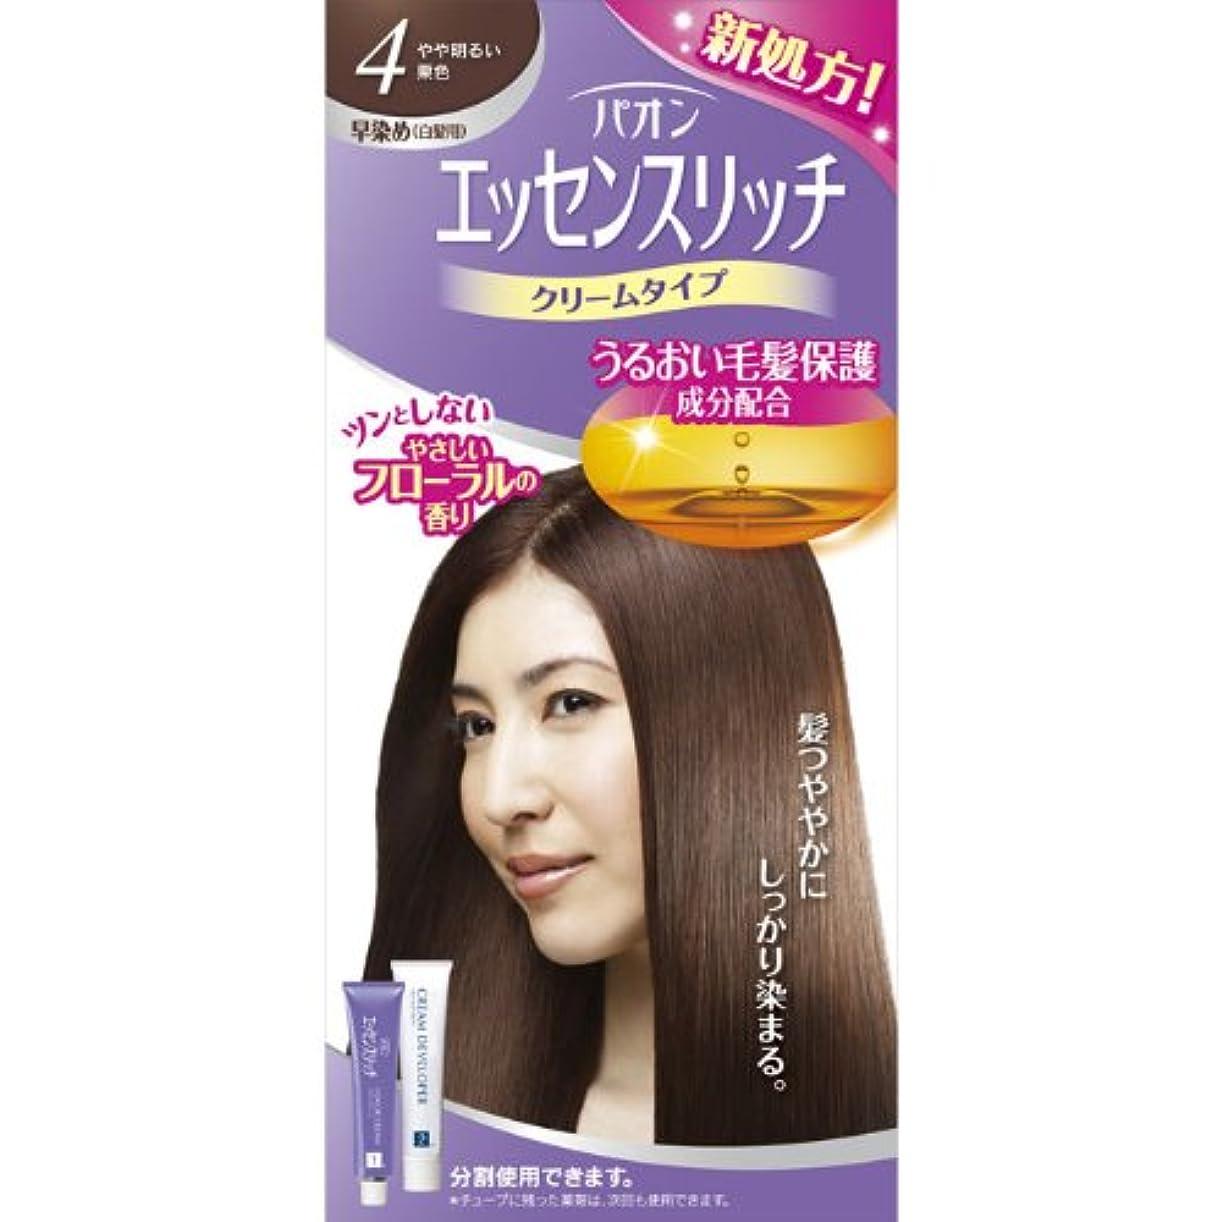 甘くするに同意するクスクスヘンケルライオンコスメティックス パオン エッセンスリッチ クリームタイプ 4 やや明るい栗色 40g+40g (医薬部外品)